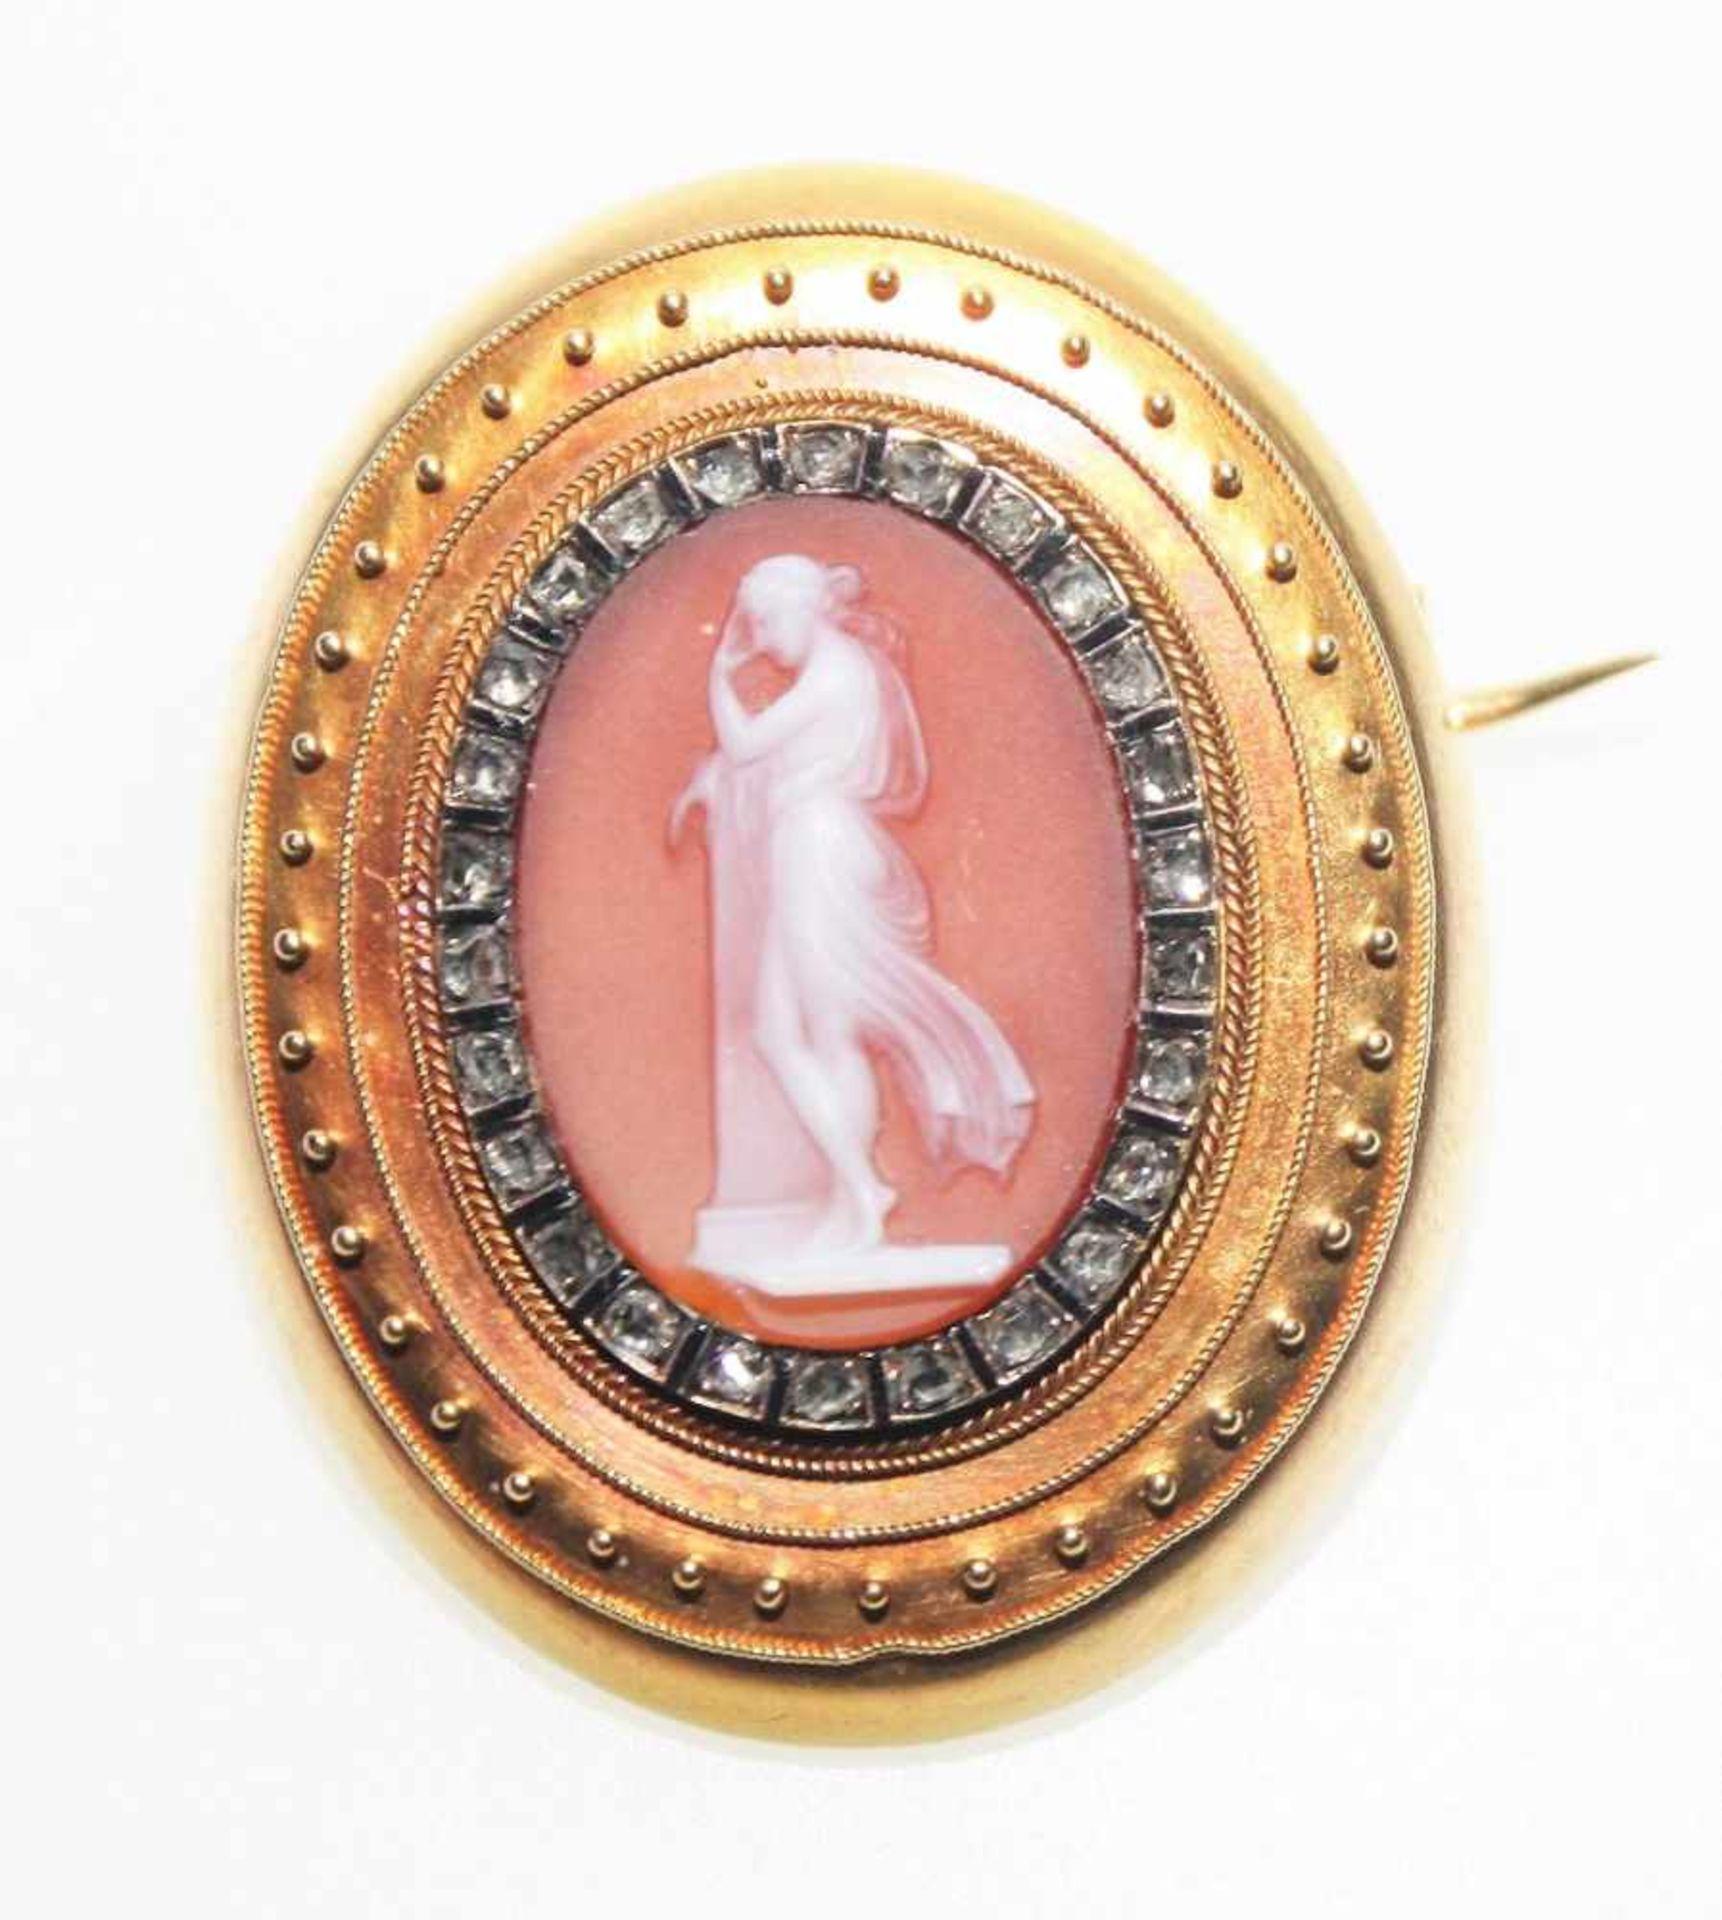 Los 1 - Feine, ältere Brosche ca. 750/f mit ovaler Kamee, umrahmt von kleinen Diamantrosen. Brgw. 8,0 g